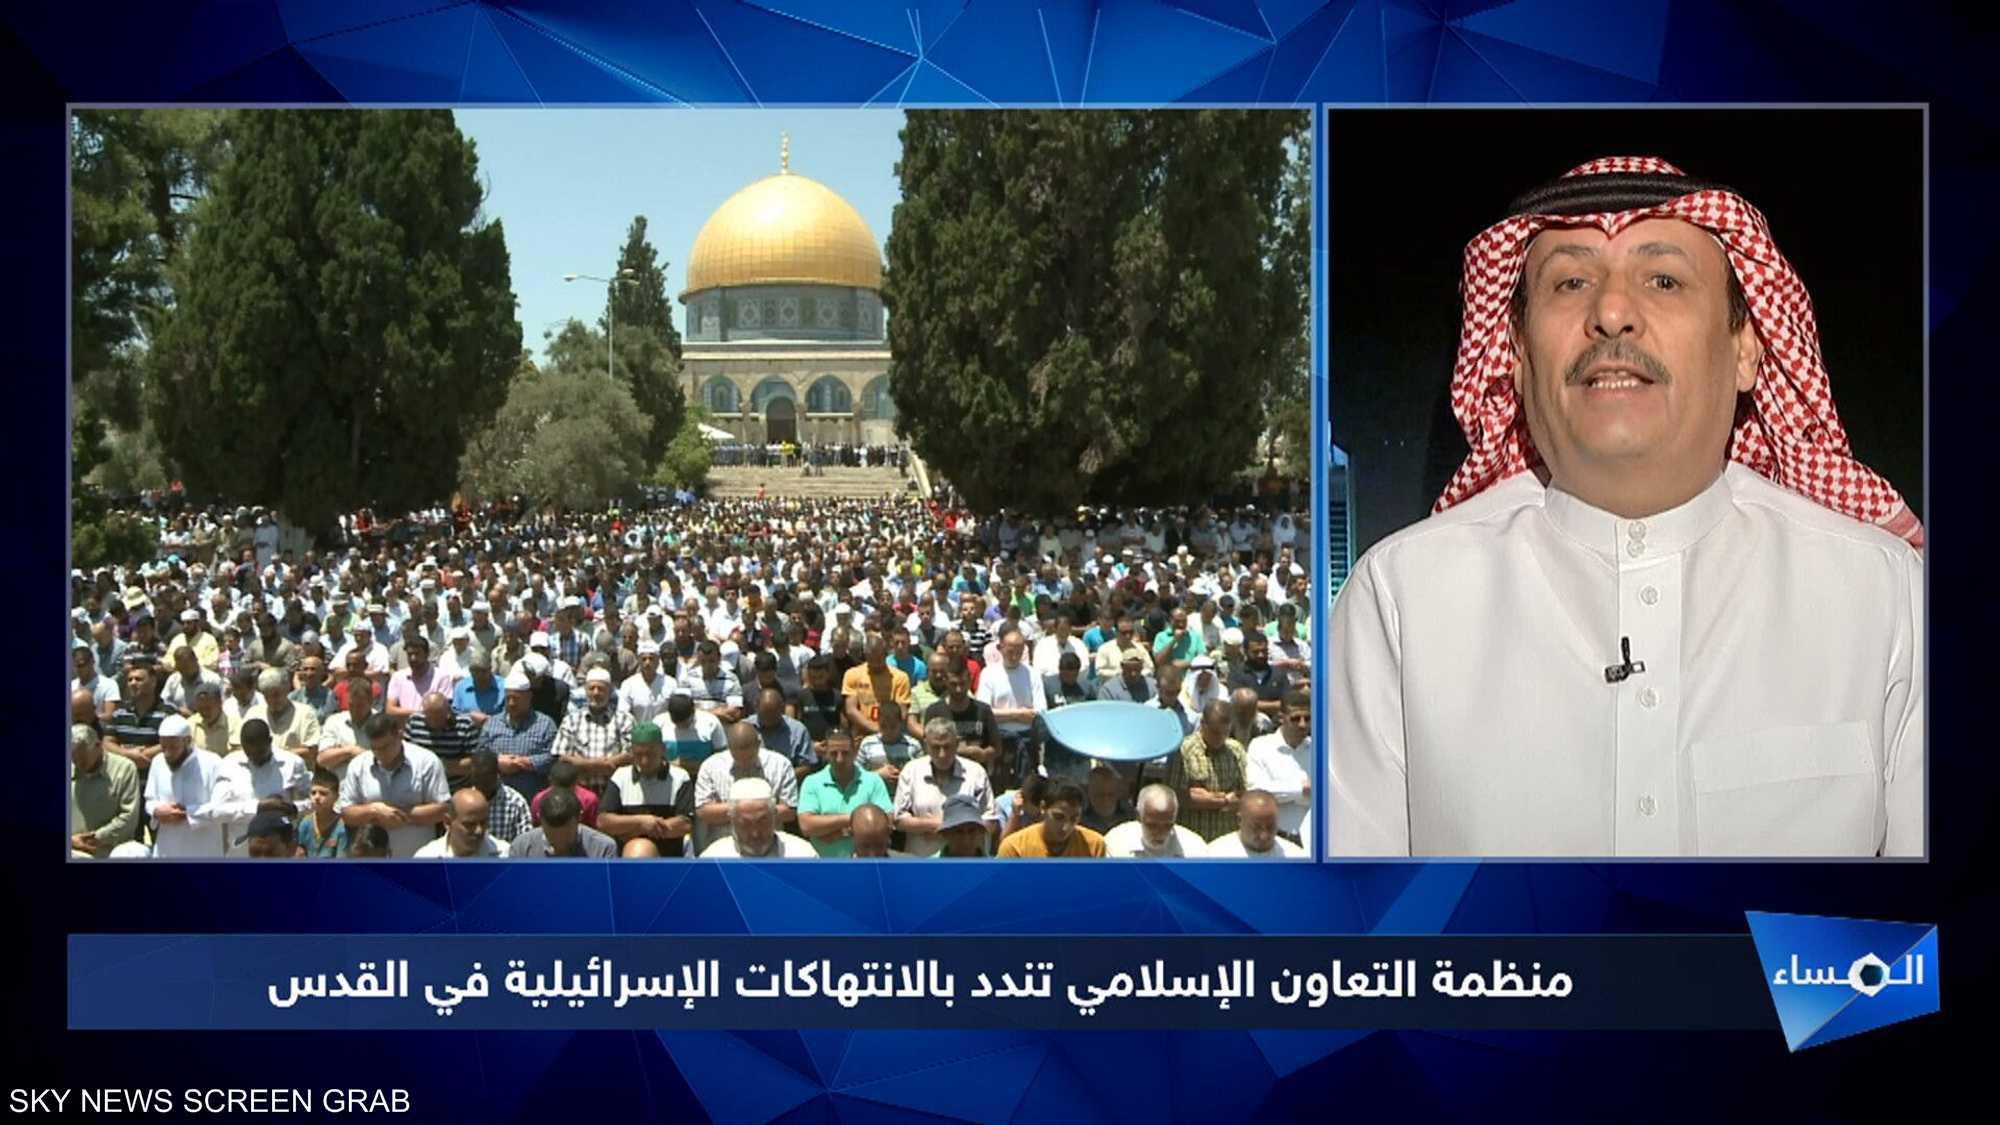 منظمة التعاون الإسلامي تندد بانتهاكات إسرائيل في القدس